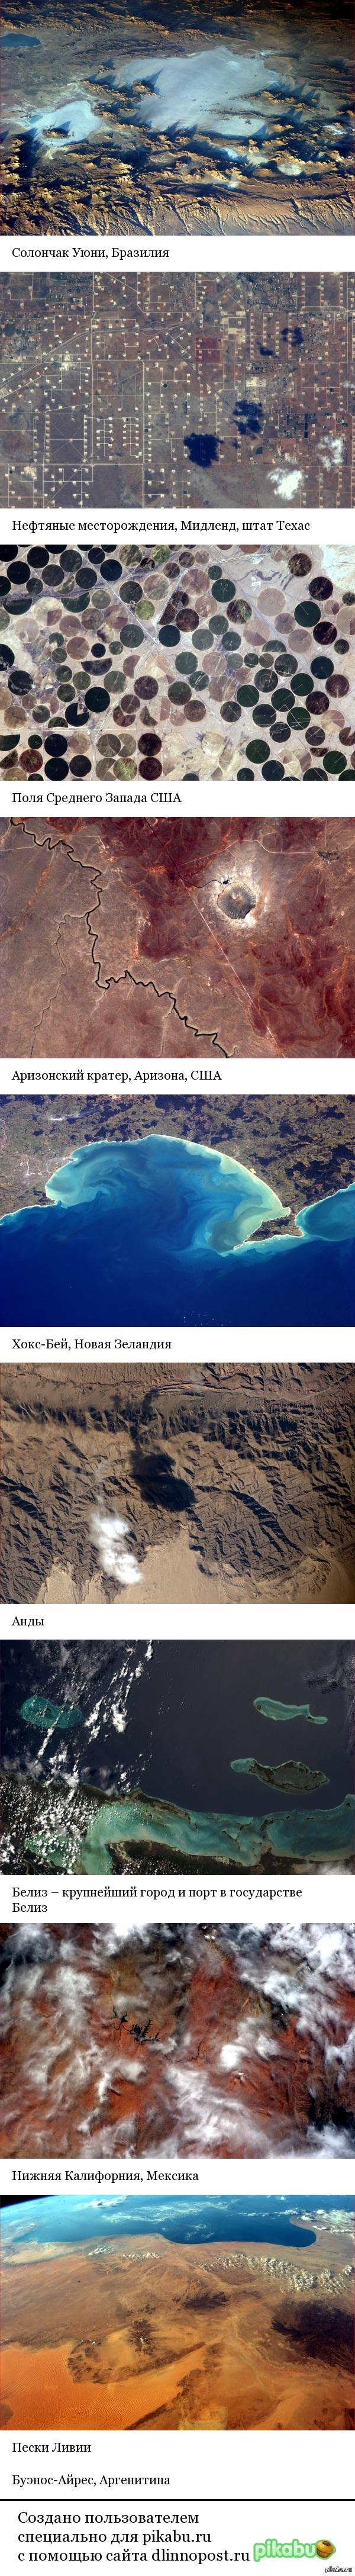 Фотографии Земли с высоты МКС-его полета, автор Александр Герст.